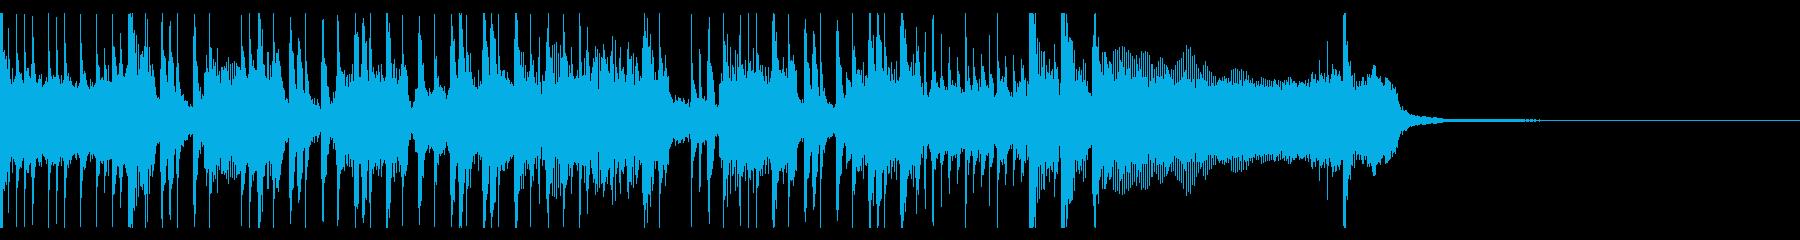 エネルギッシュなパンクの再生済みの波形